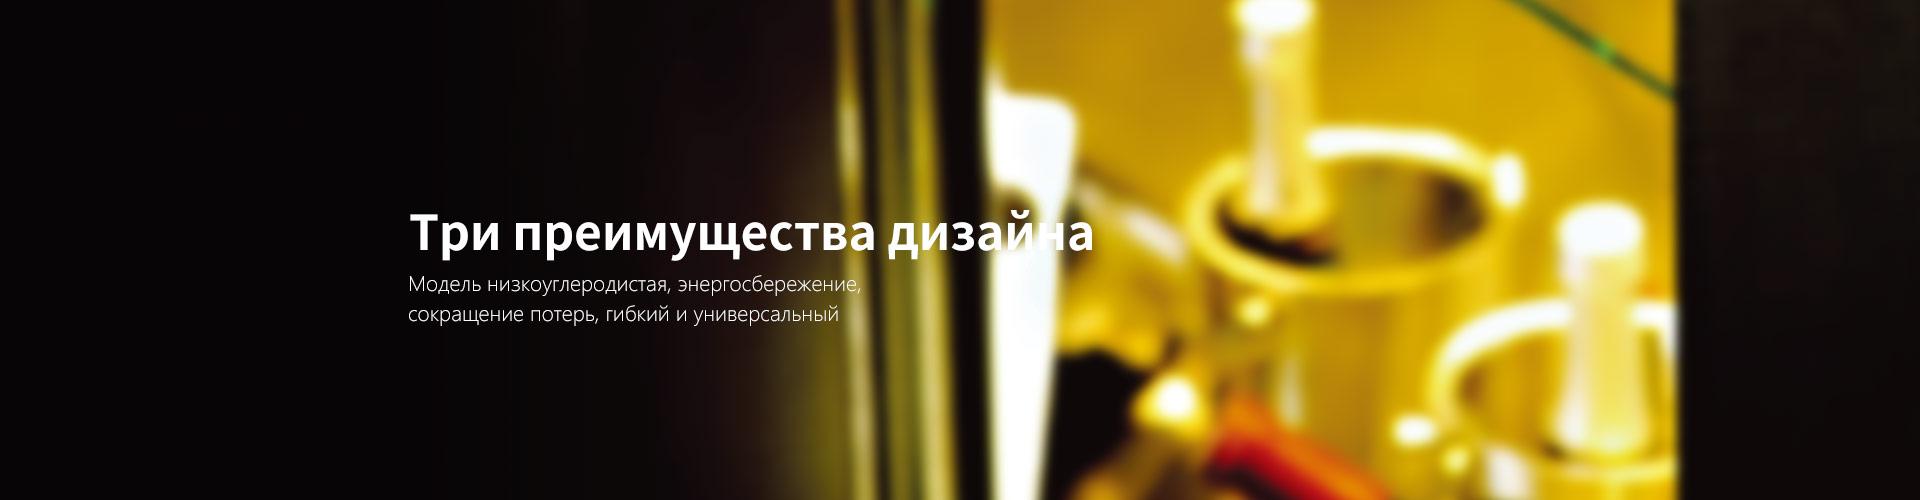 zwdt-ru_06